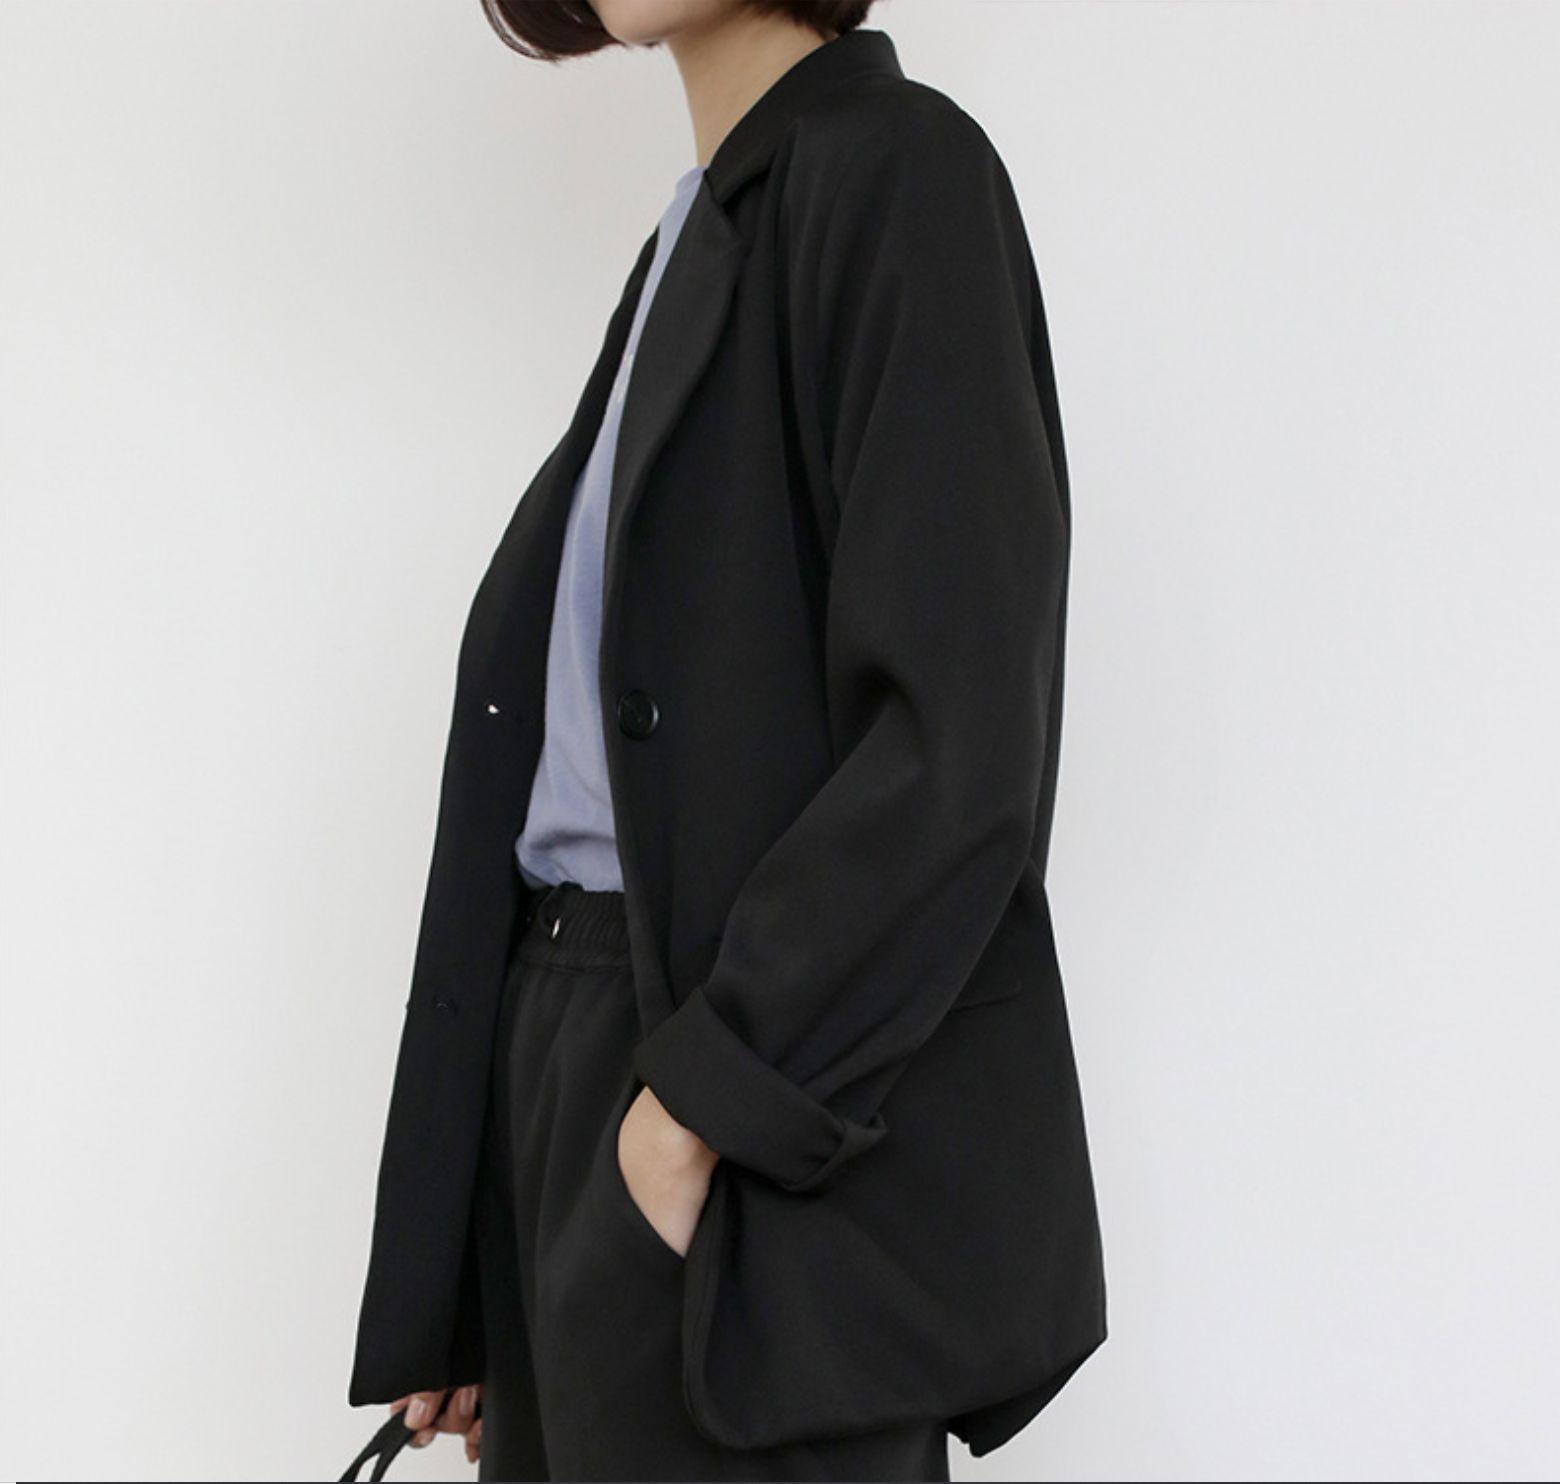 d66368444044 Nueva chaqueta de primavera y verano 2019 Corea del Sur Color puro Corto  Ocio Sencillo Traje pequeño Traje fino de manga larga